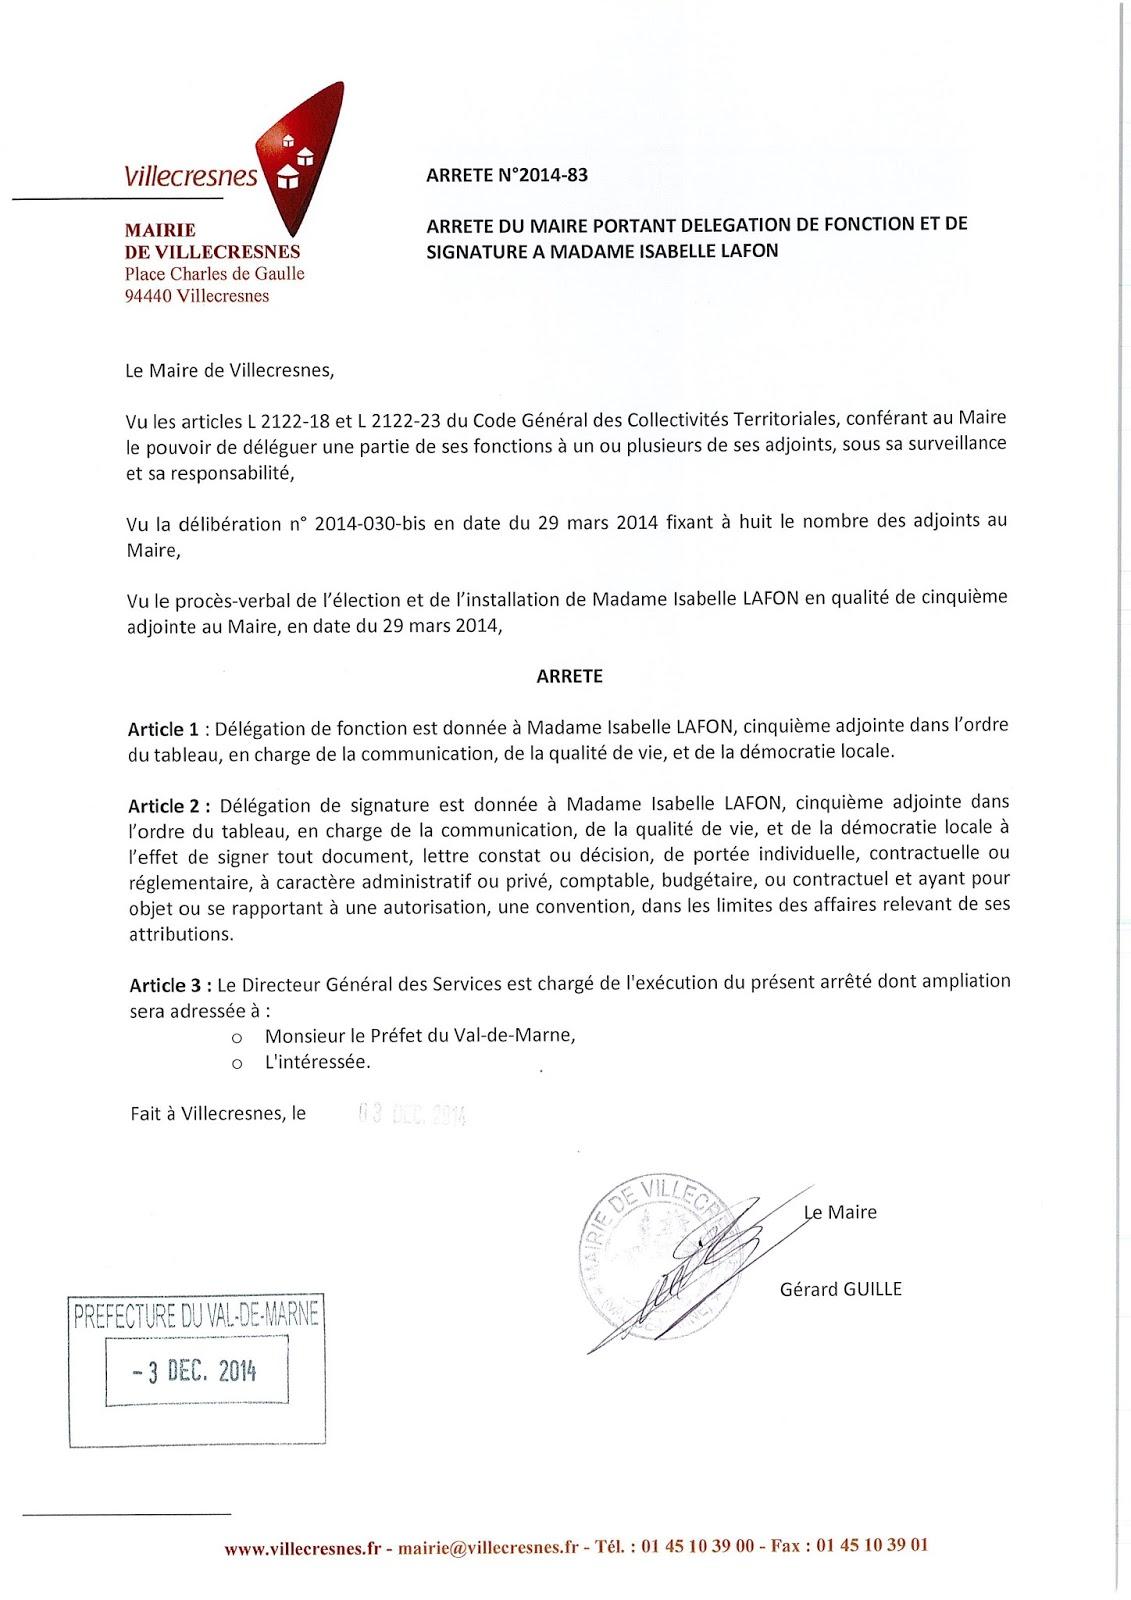 2014-083 Délégation de fonction et de signature à Madame Isabelle Lafon